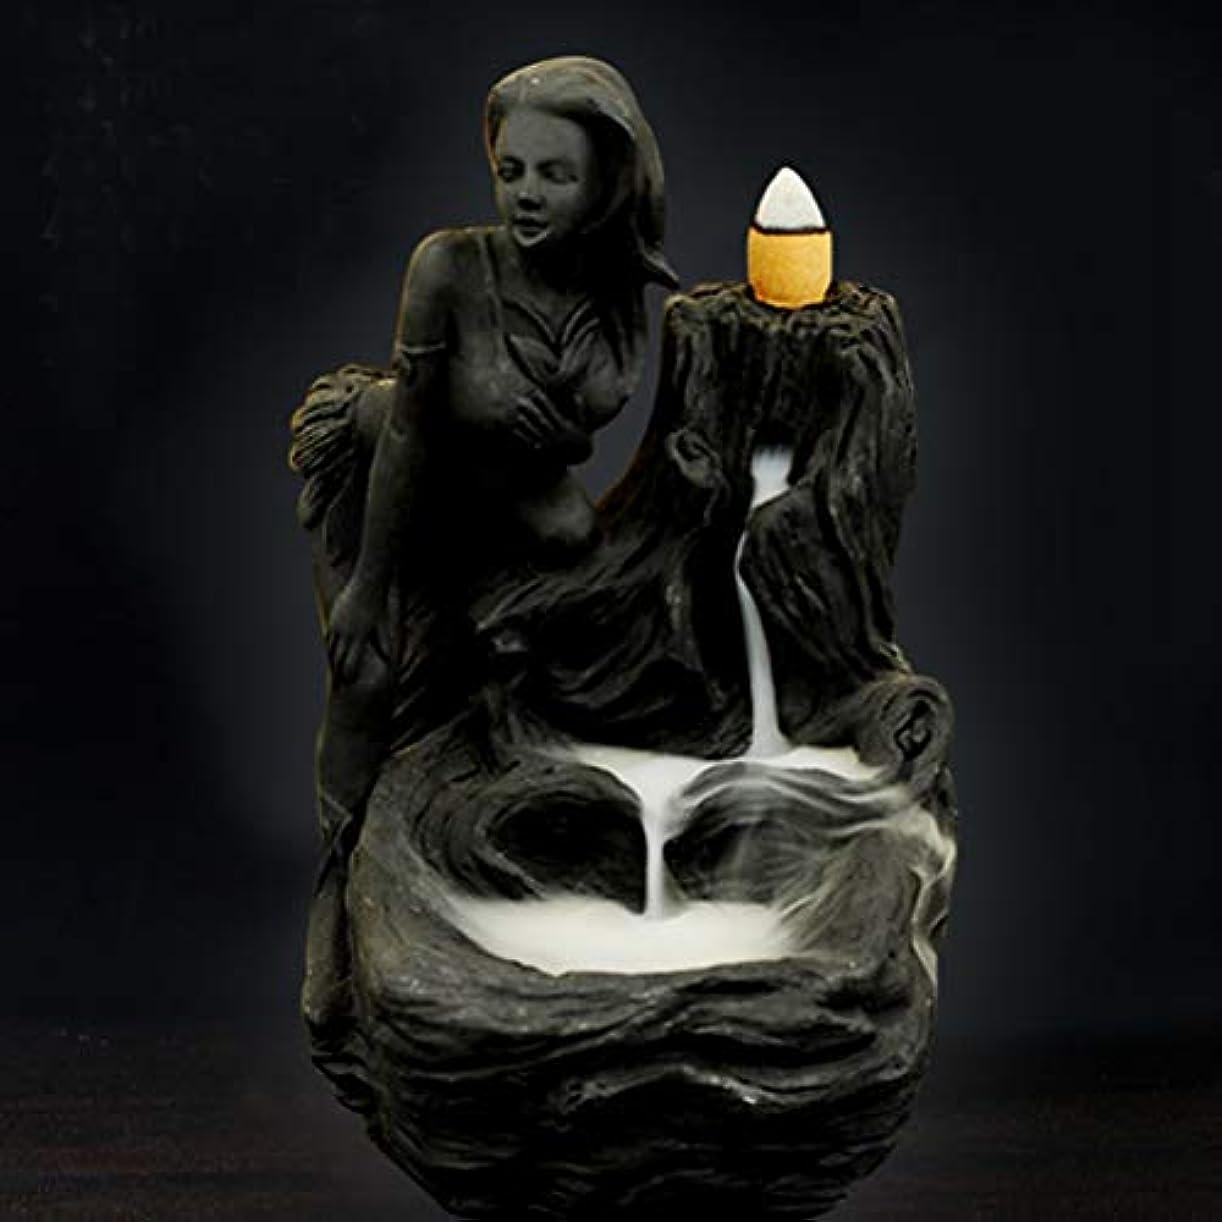 インカ帝国プロポーショナル金額女神香炉煙逆流タワー香炉香炉香炉ホルダー香炉ホームデコレーション